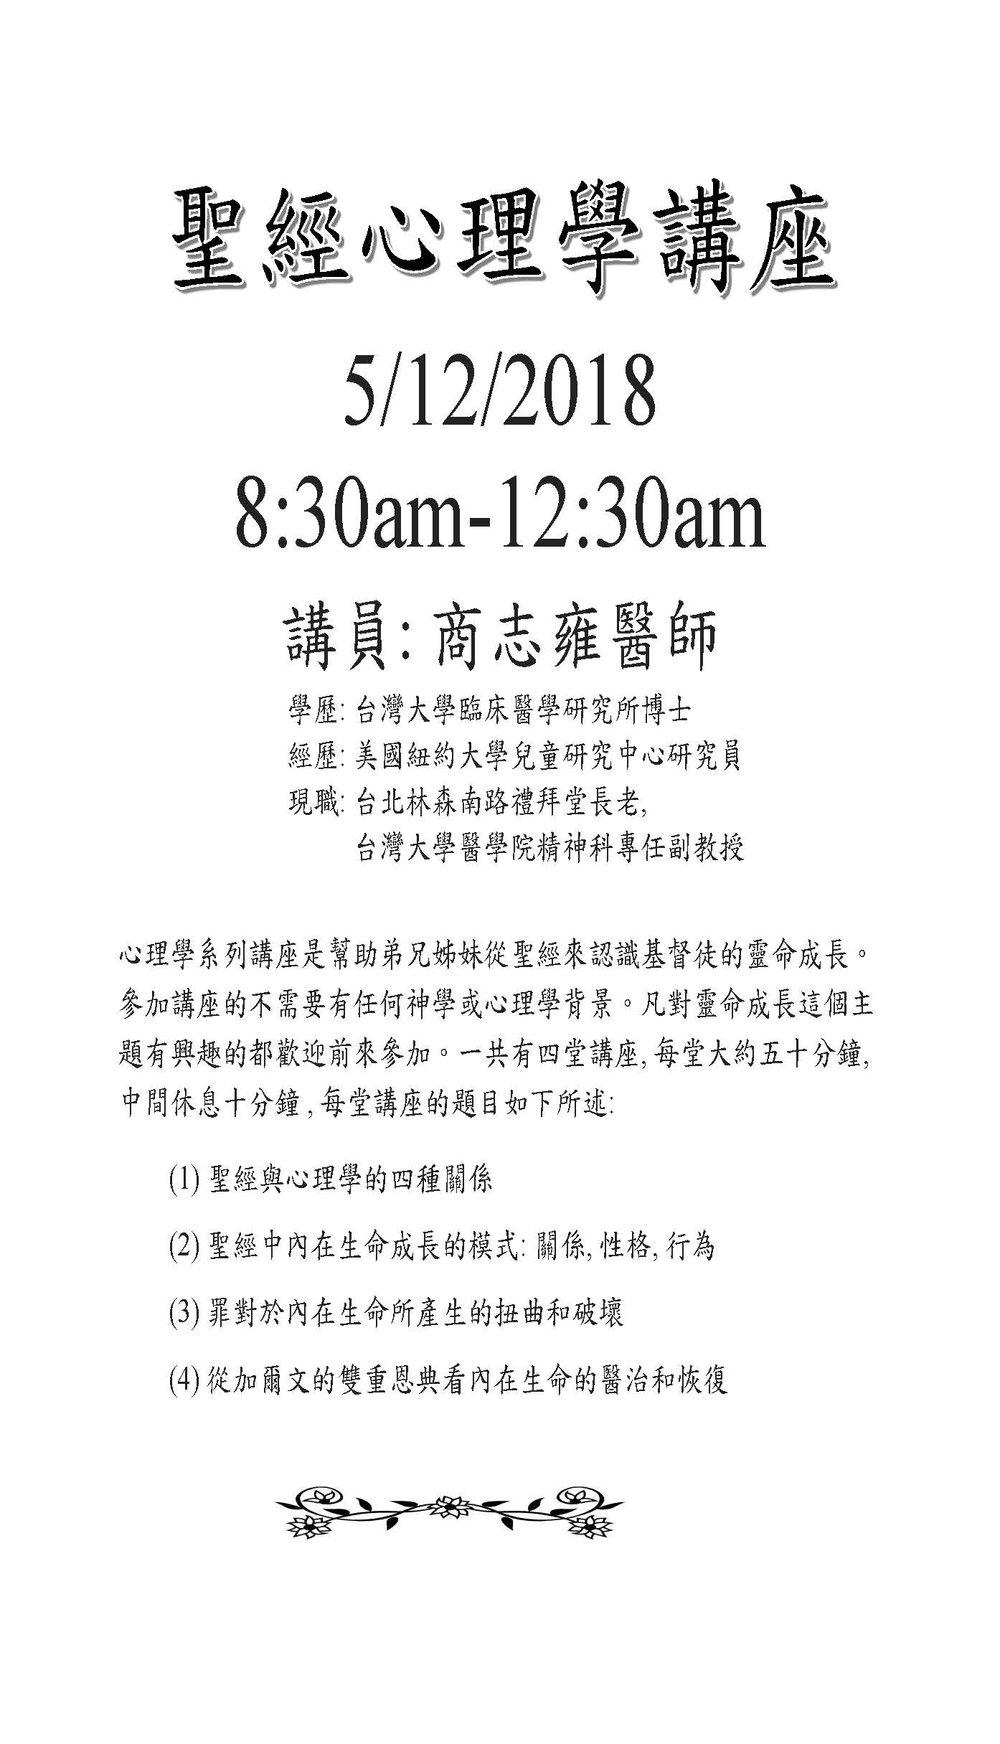 商志雍醫師聖經醫學講座 - 背面 修改版20180512.jpg